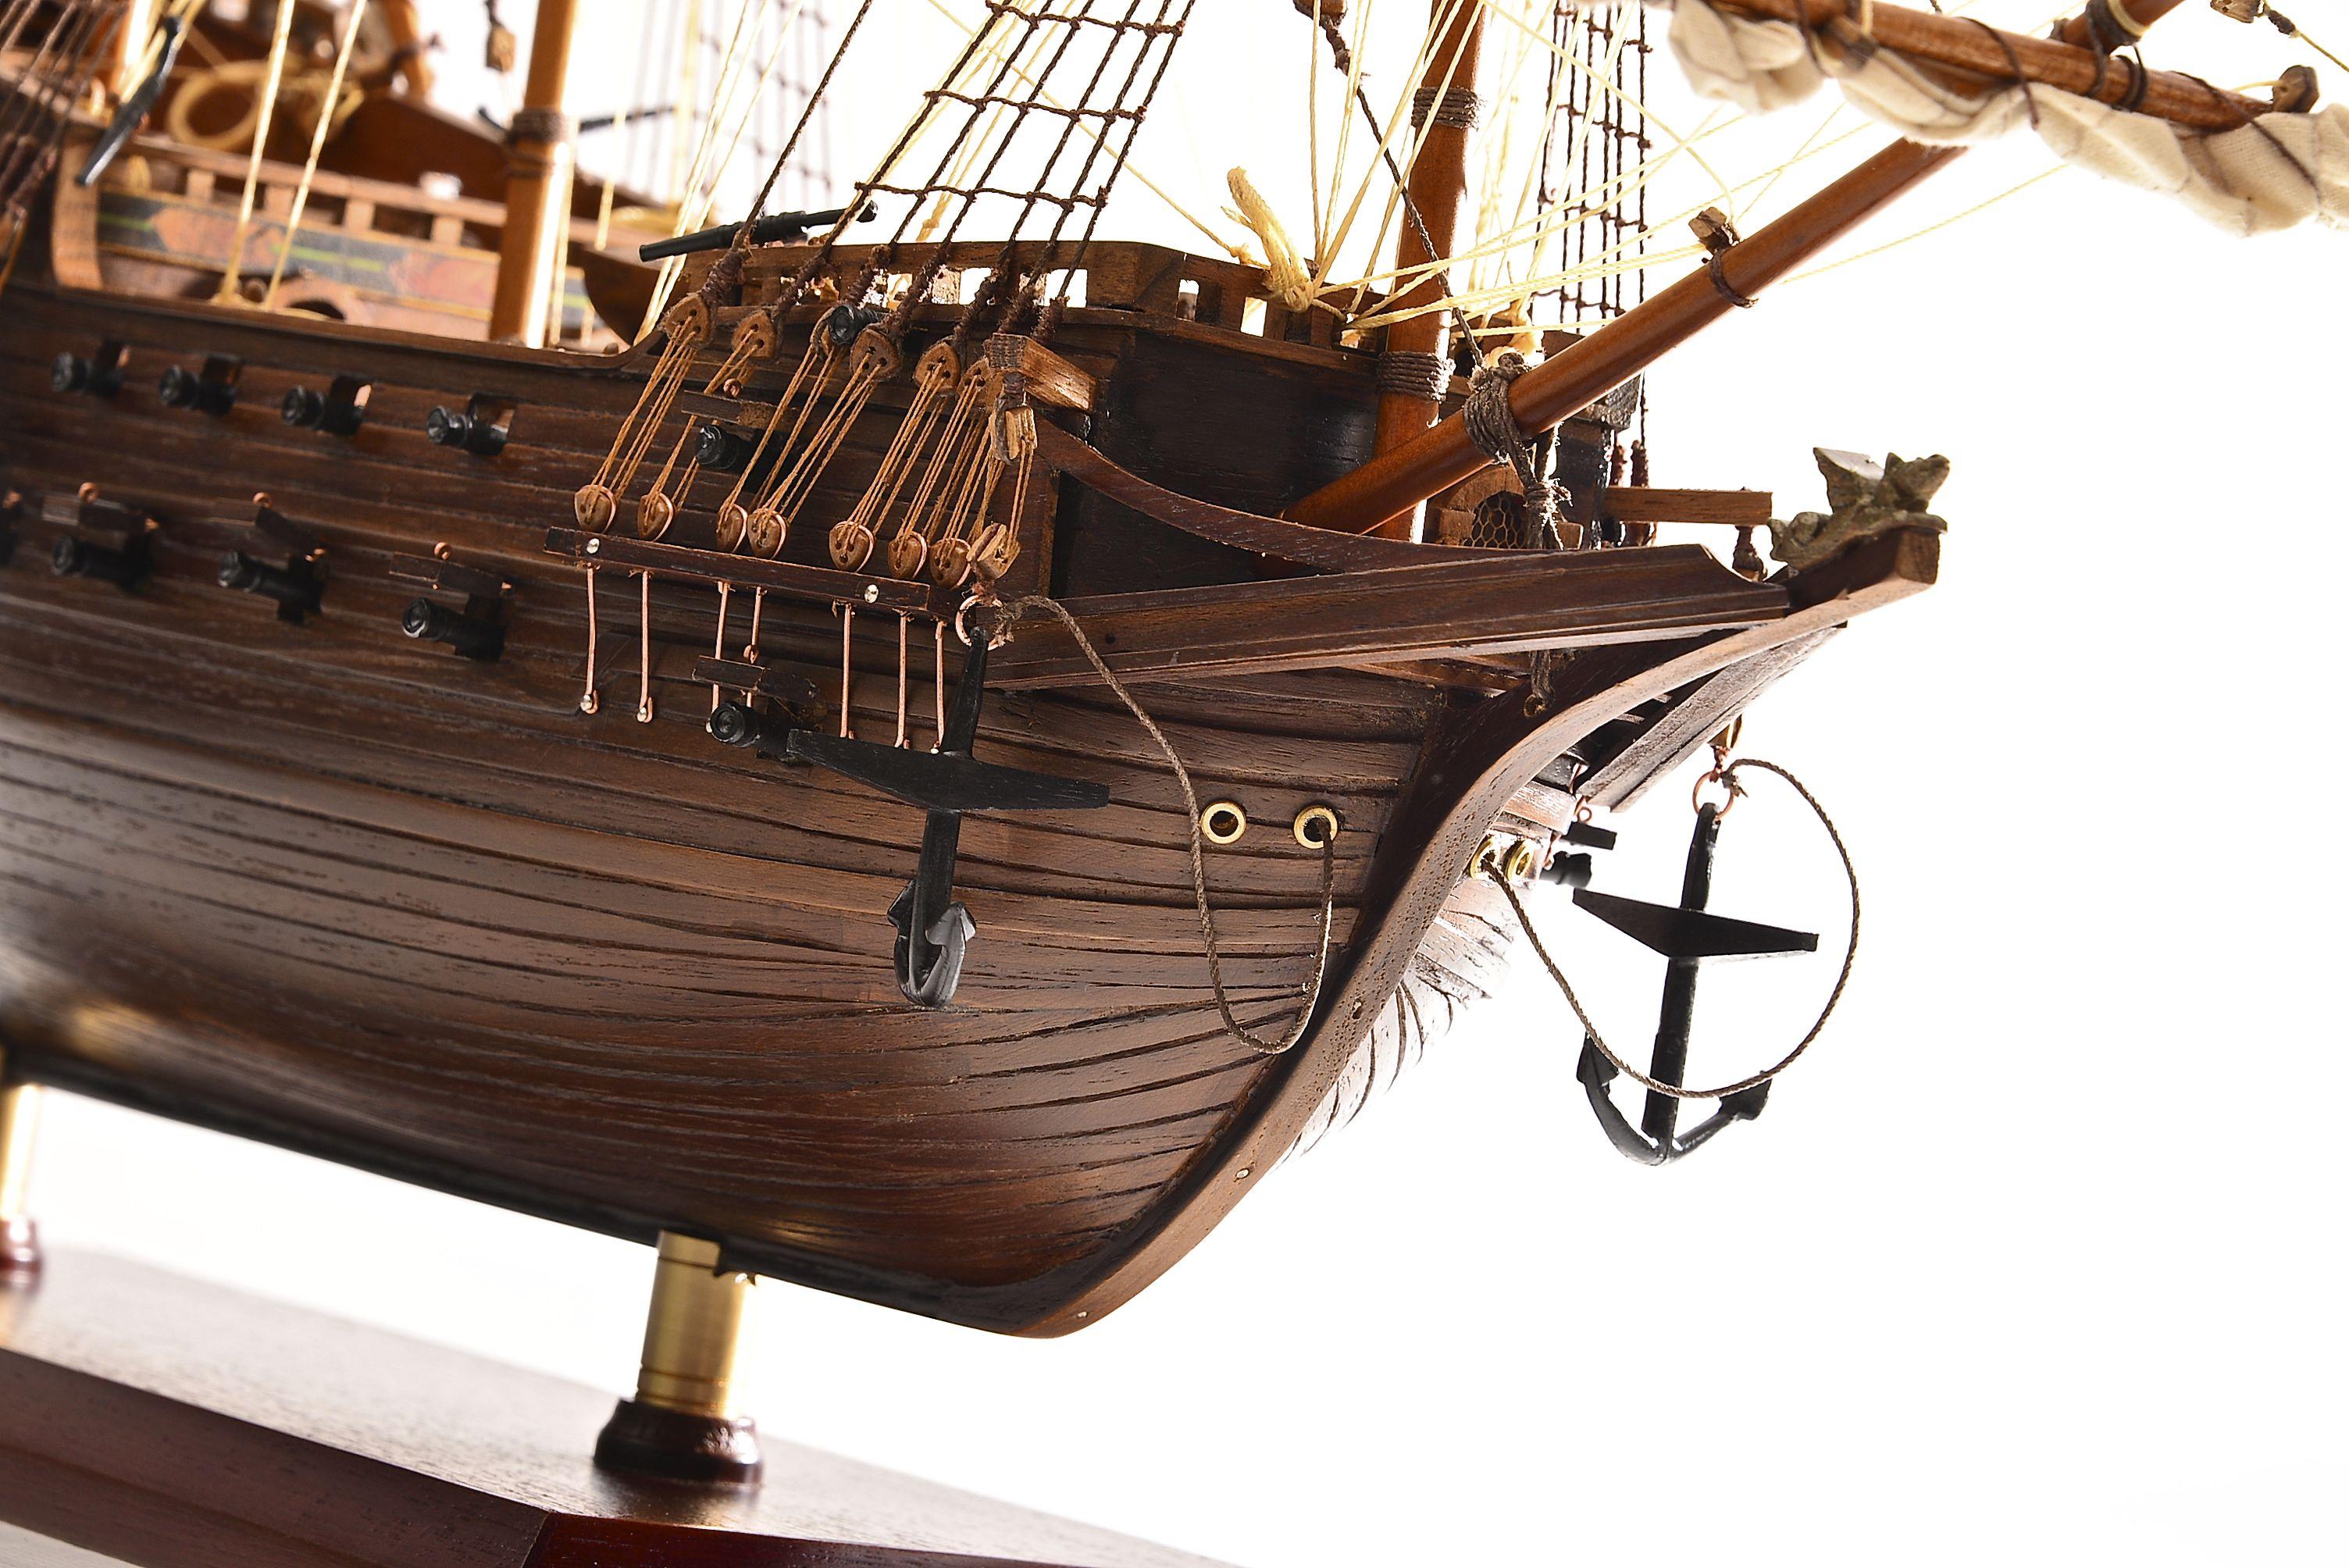 1803-10773-Hms-Revenge-Model-Ship